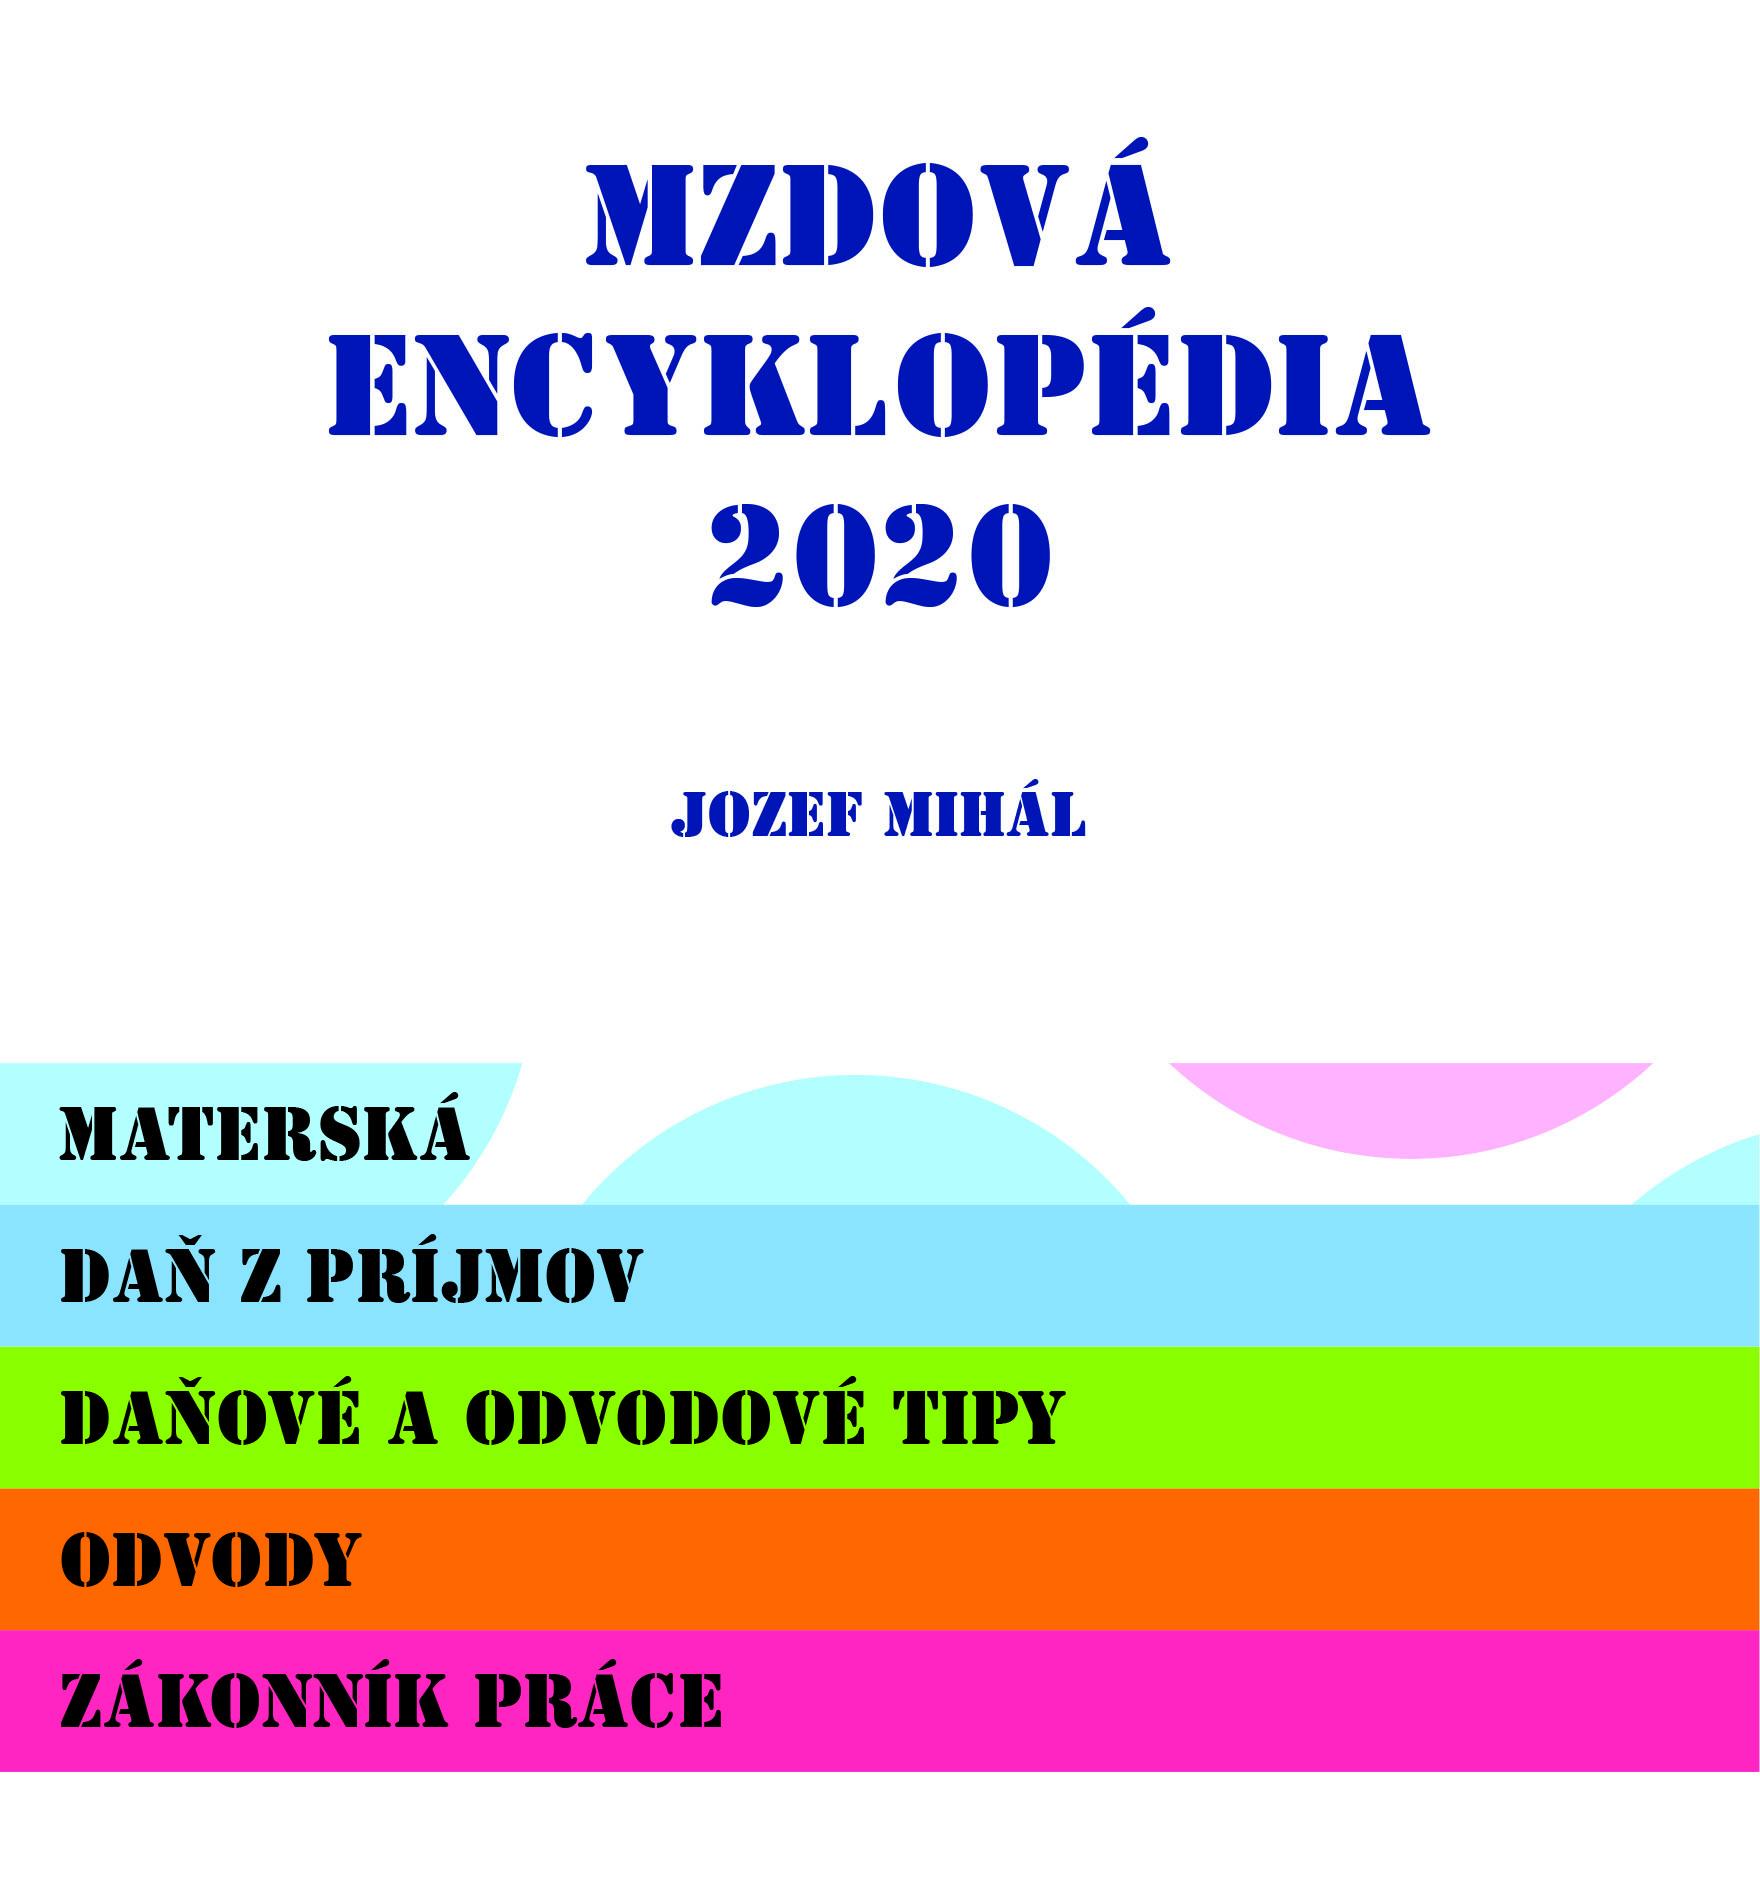 MZDOVÁ ENCYKLOPÉDIA 2020